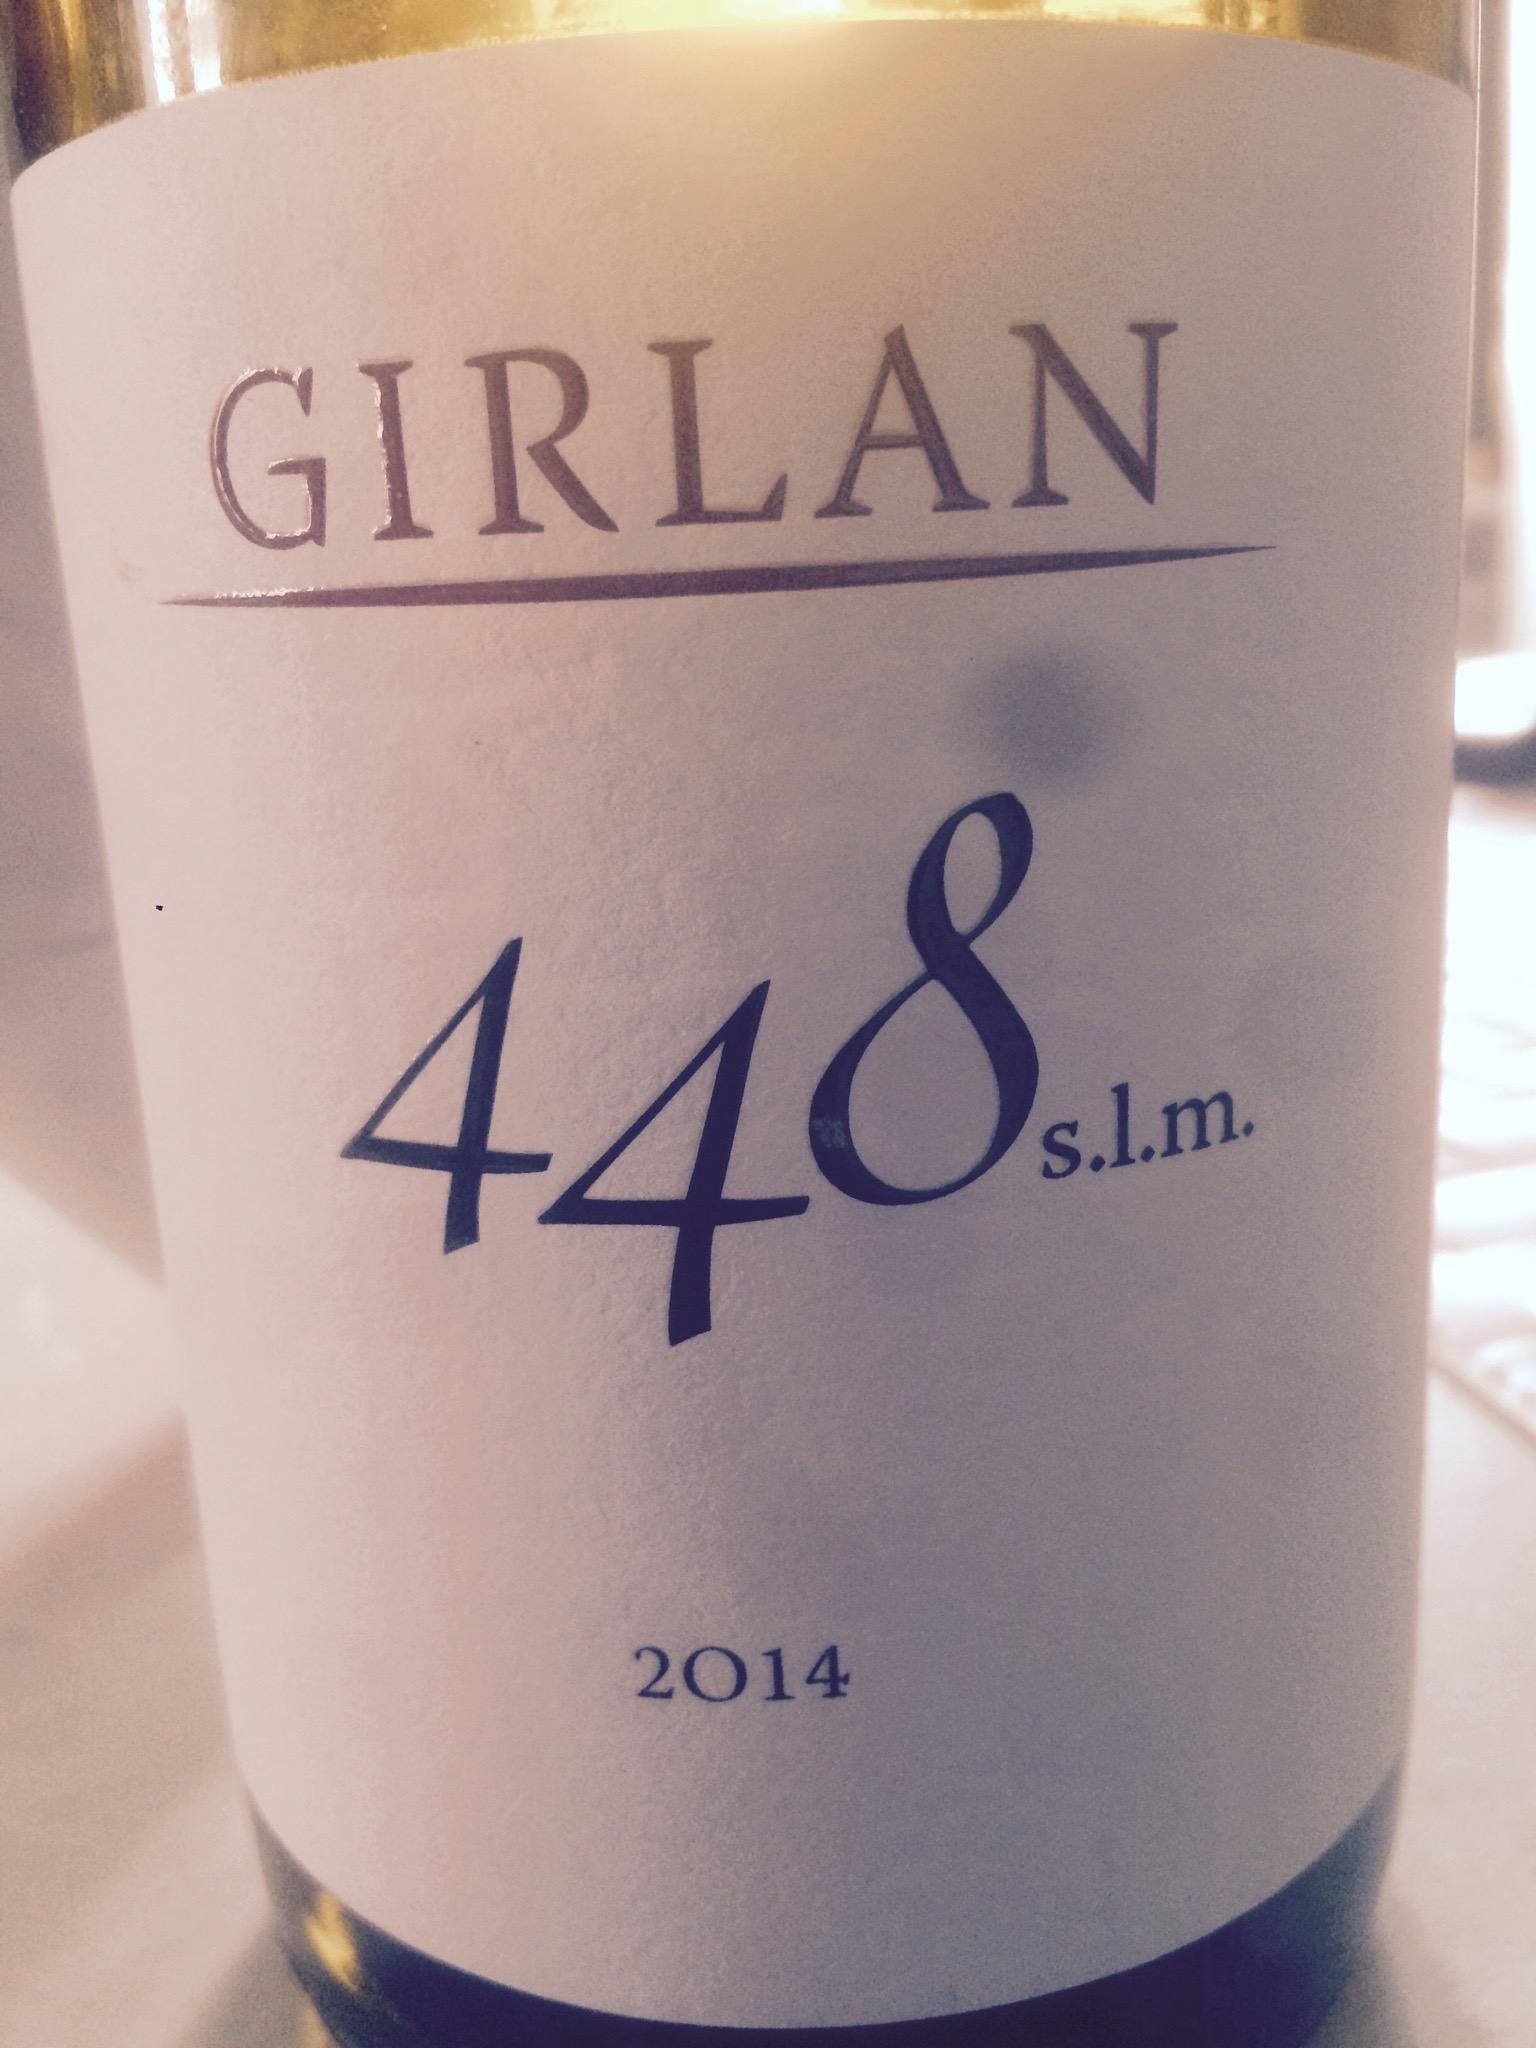 448 s.l.m. 2014 – IGT Dolomiti – Girlan